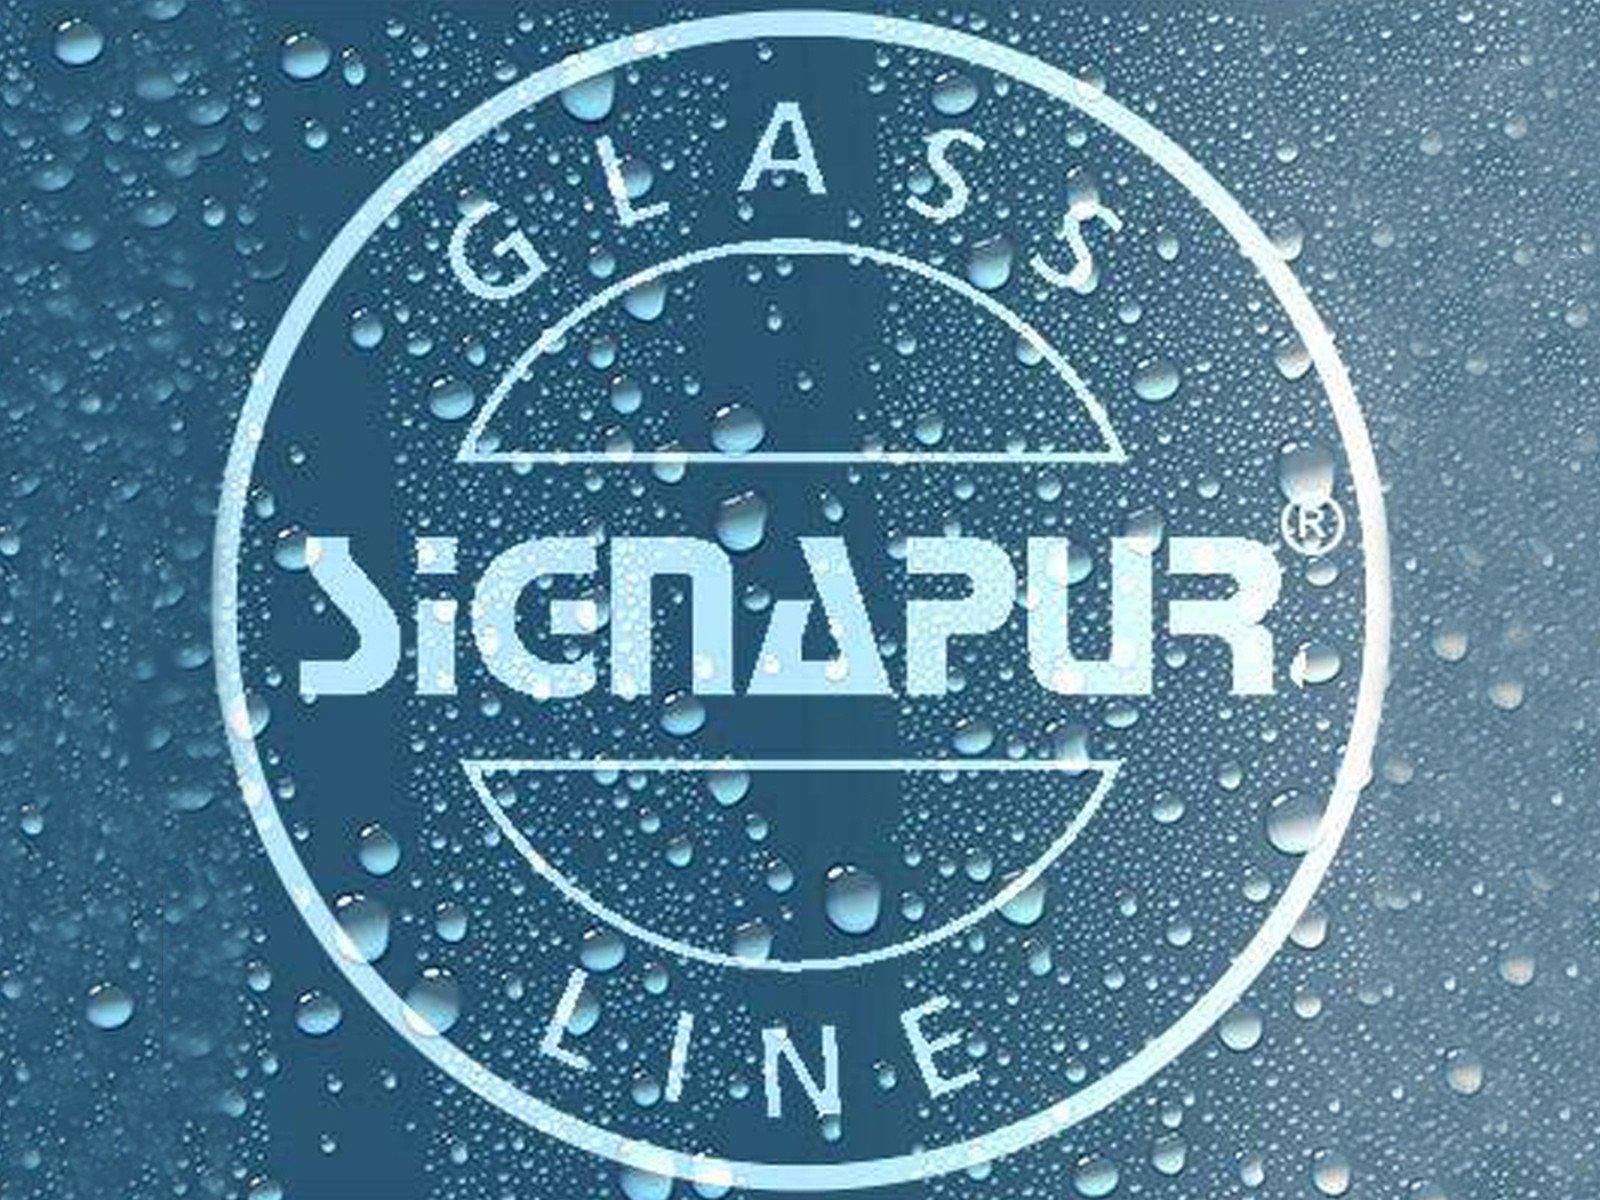 Glasversiegelung-mit-lotuseffekt-fuer-eine-optimale-versiegelung-von-glas